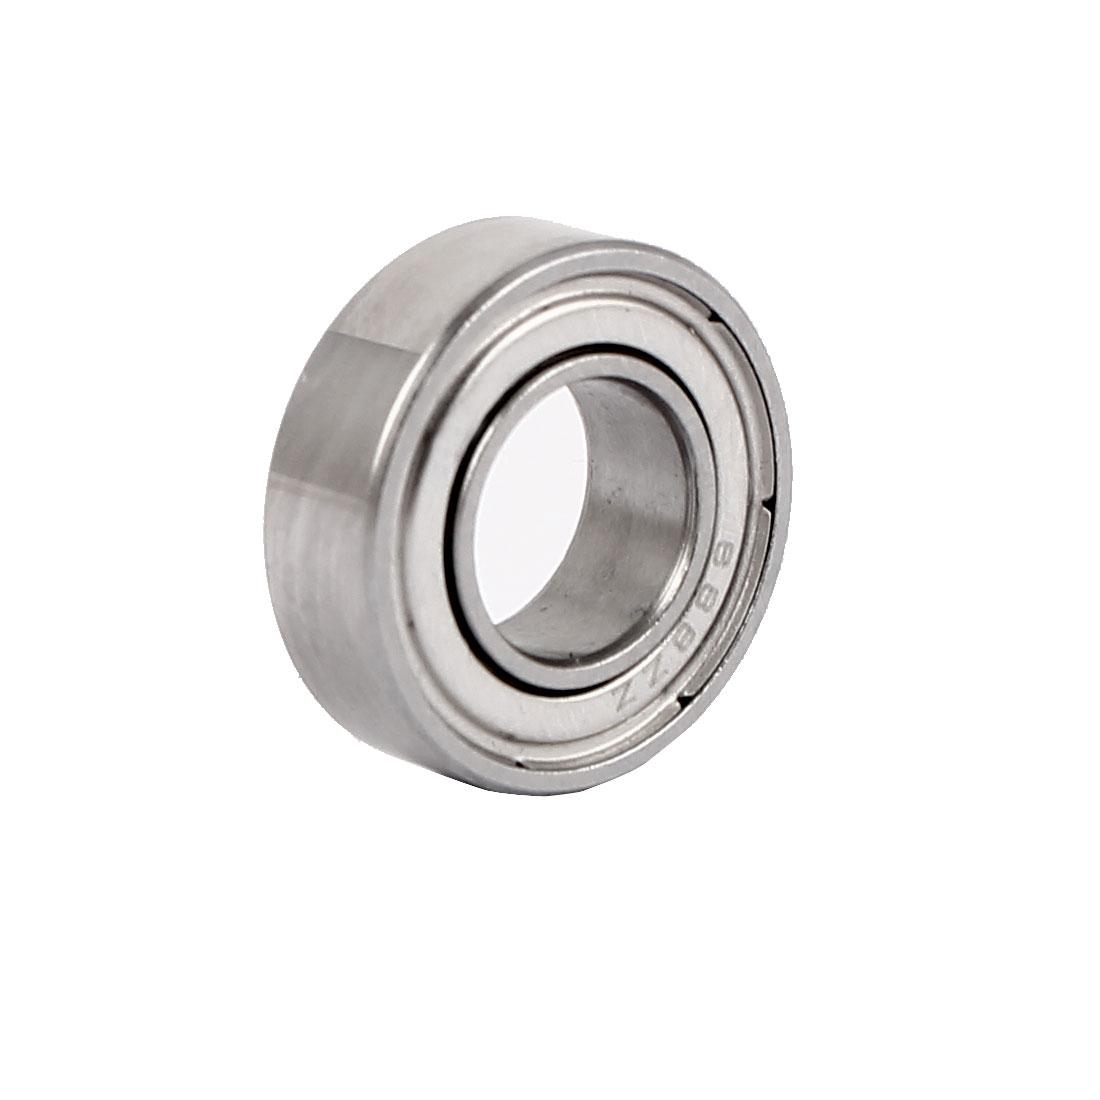 ZZ688 Dual Steel Shields Deep Groove Ball Bearing 16mmx8mmx5mm